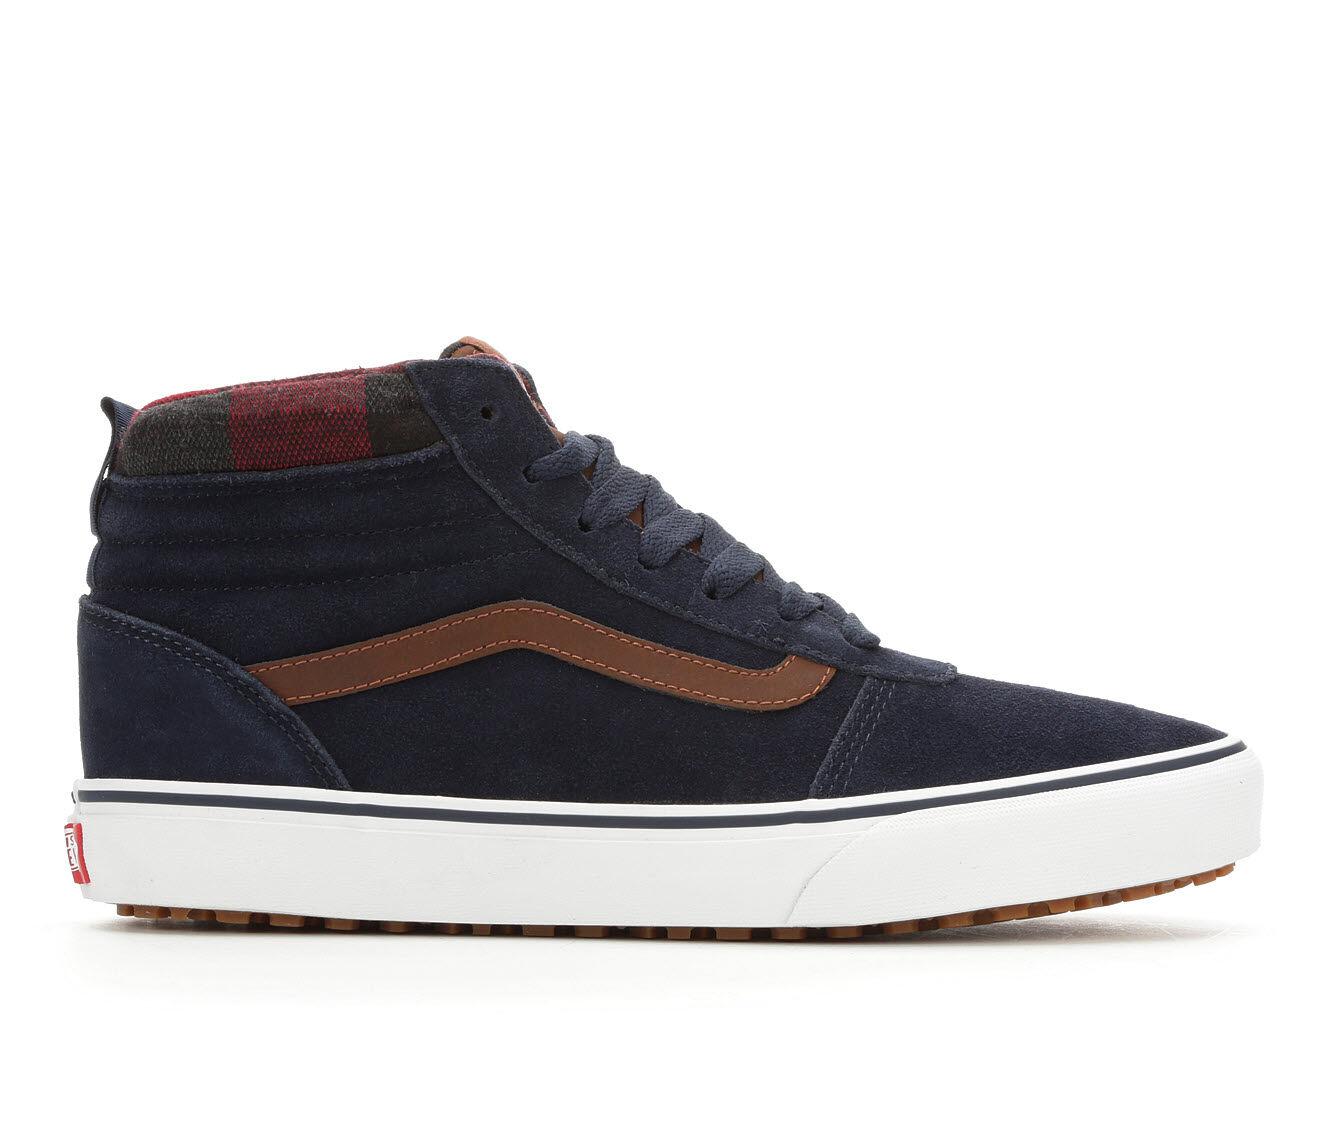 Men's Vans Ward Hi MTE Skate Shoes Blu/Brn/Wht/Pld